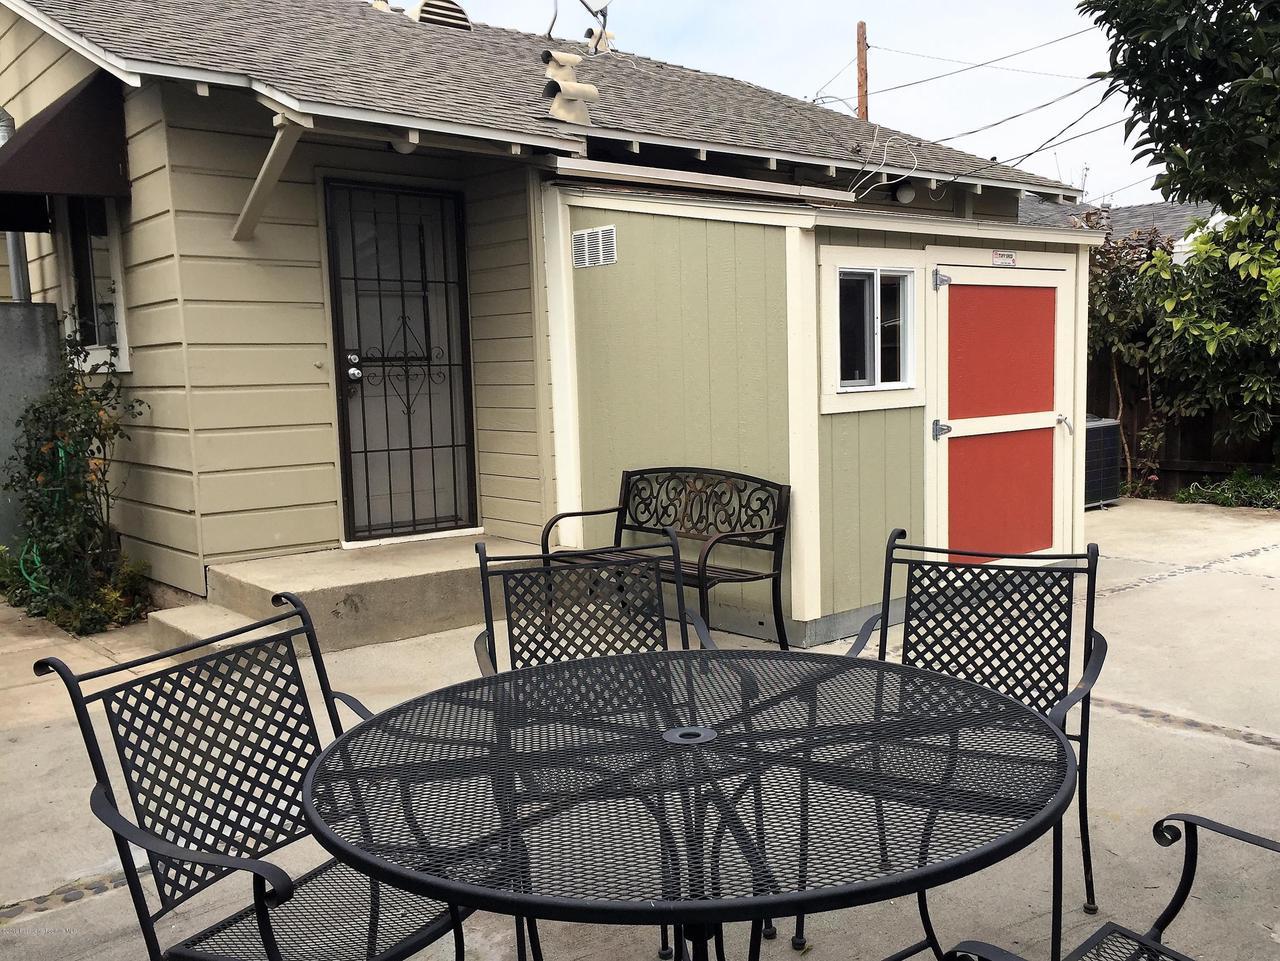 850 MOUNTAIN, Pasadena, CA 91104 - IMG_0184-MntPlc-2